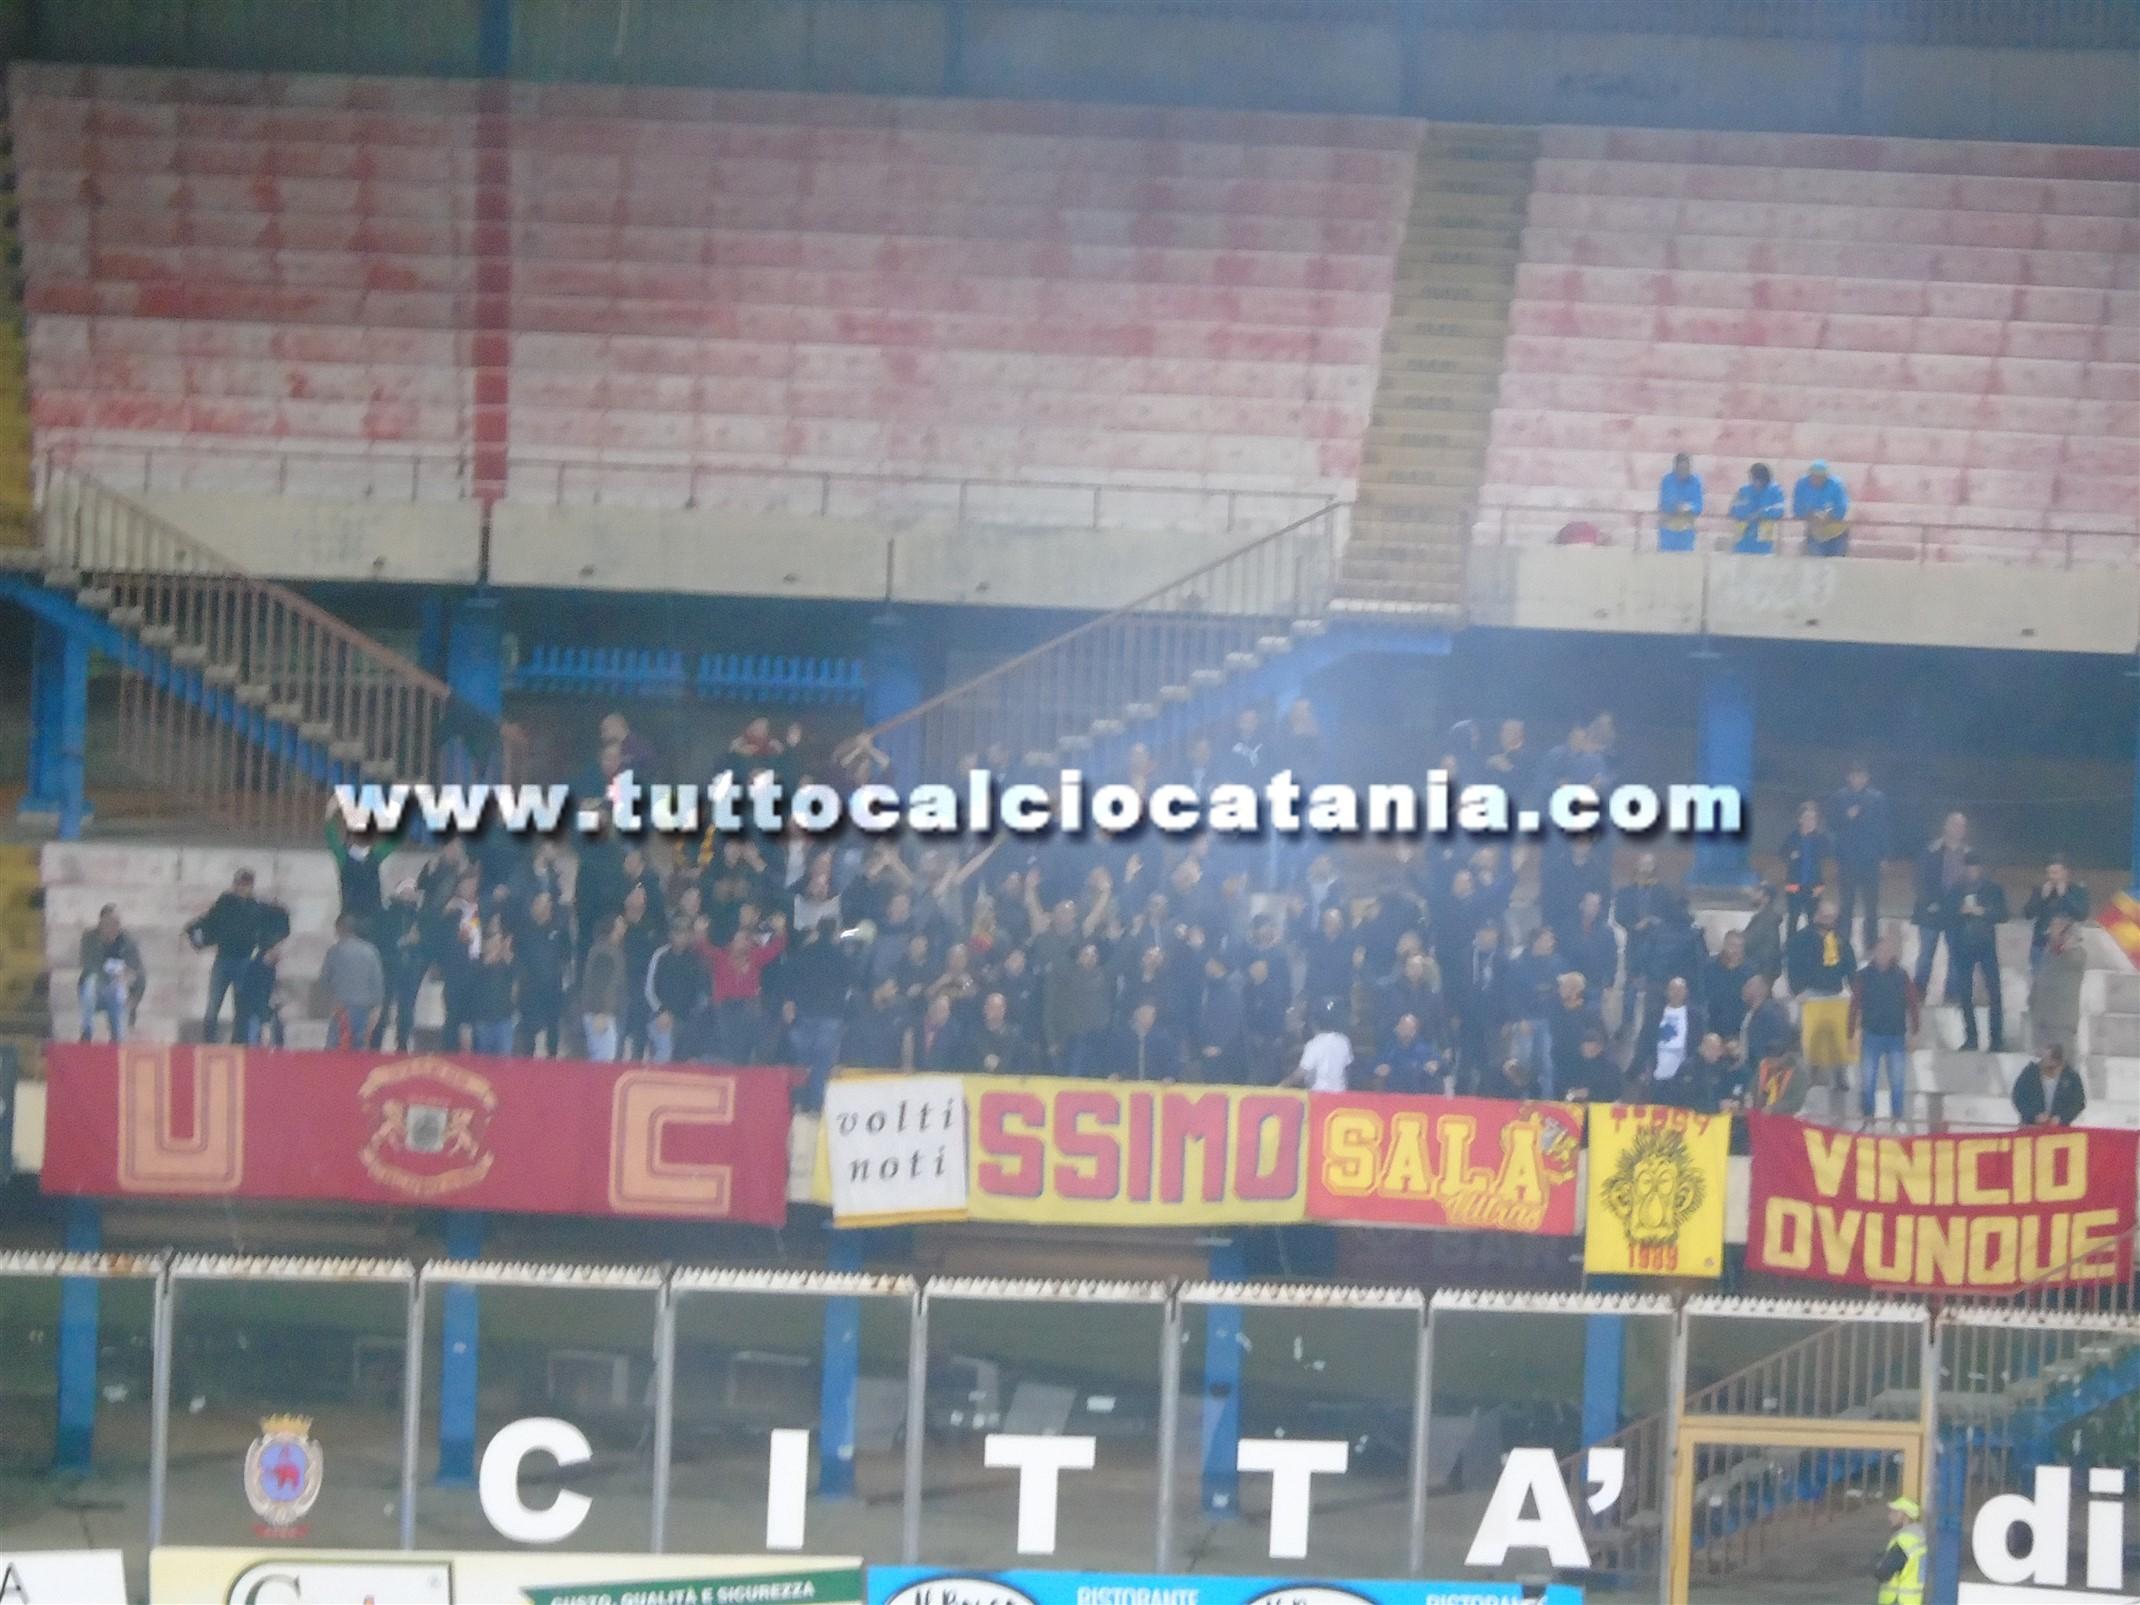 Calcio: bomba carta per Catania-Catanzaro, daspo per sedicenne